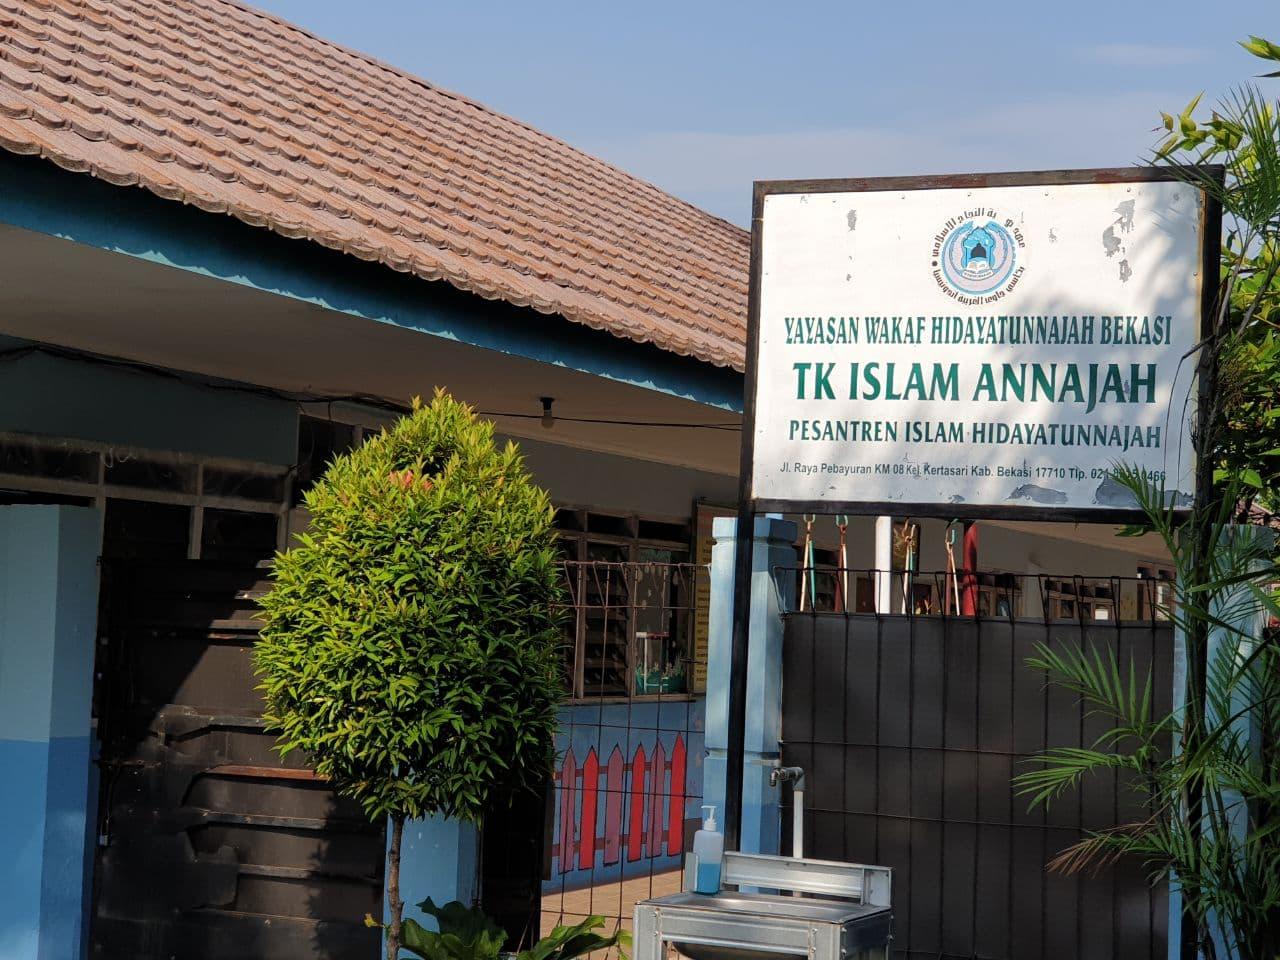 tk _islam